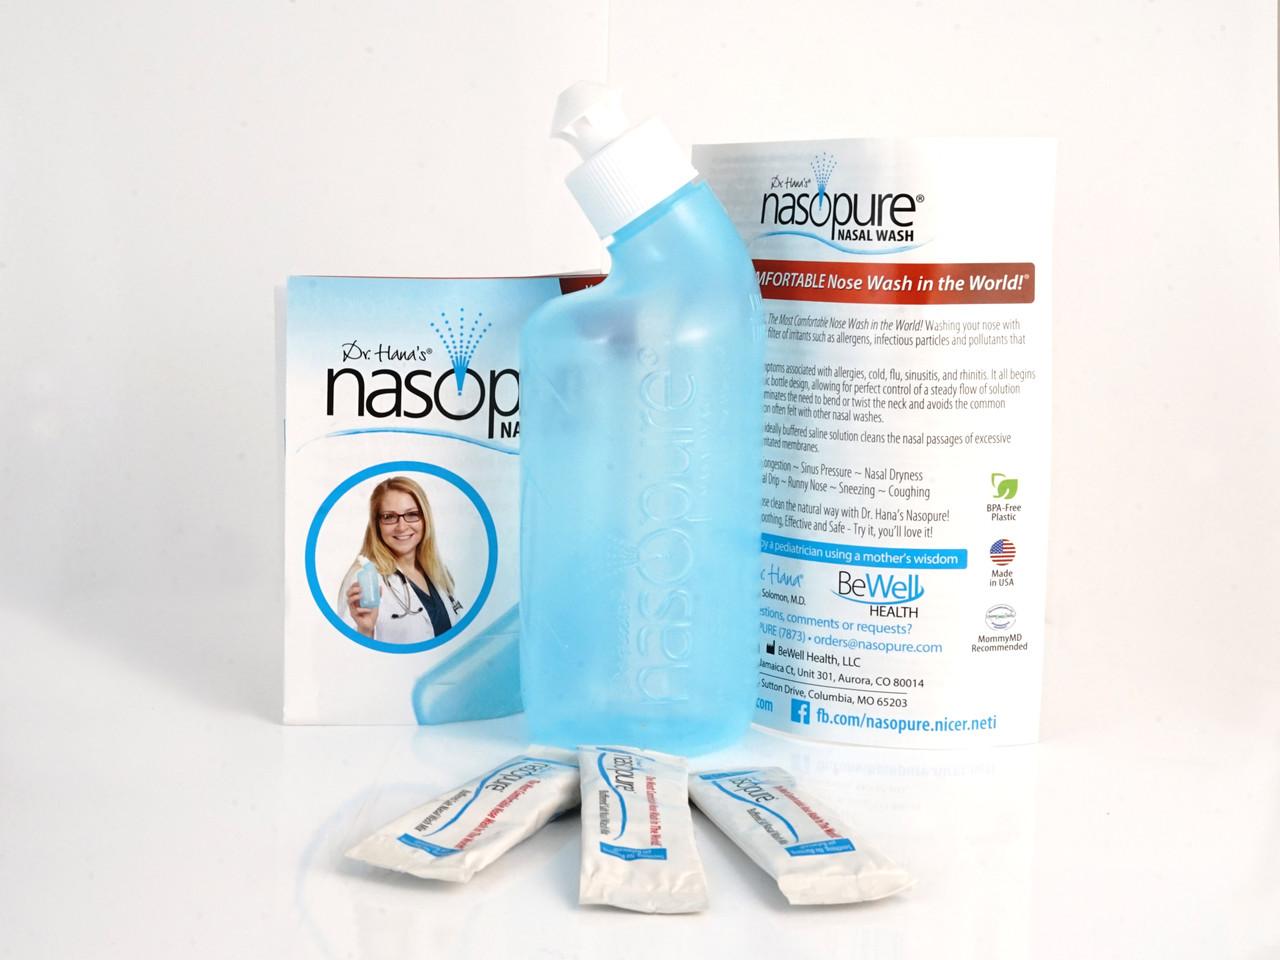 Nasopure Sampler Kit